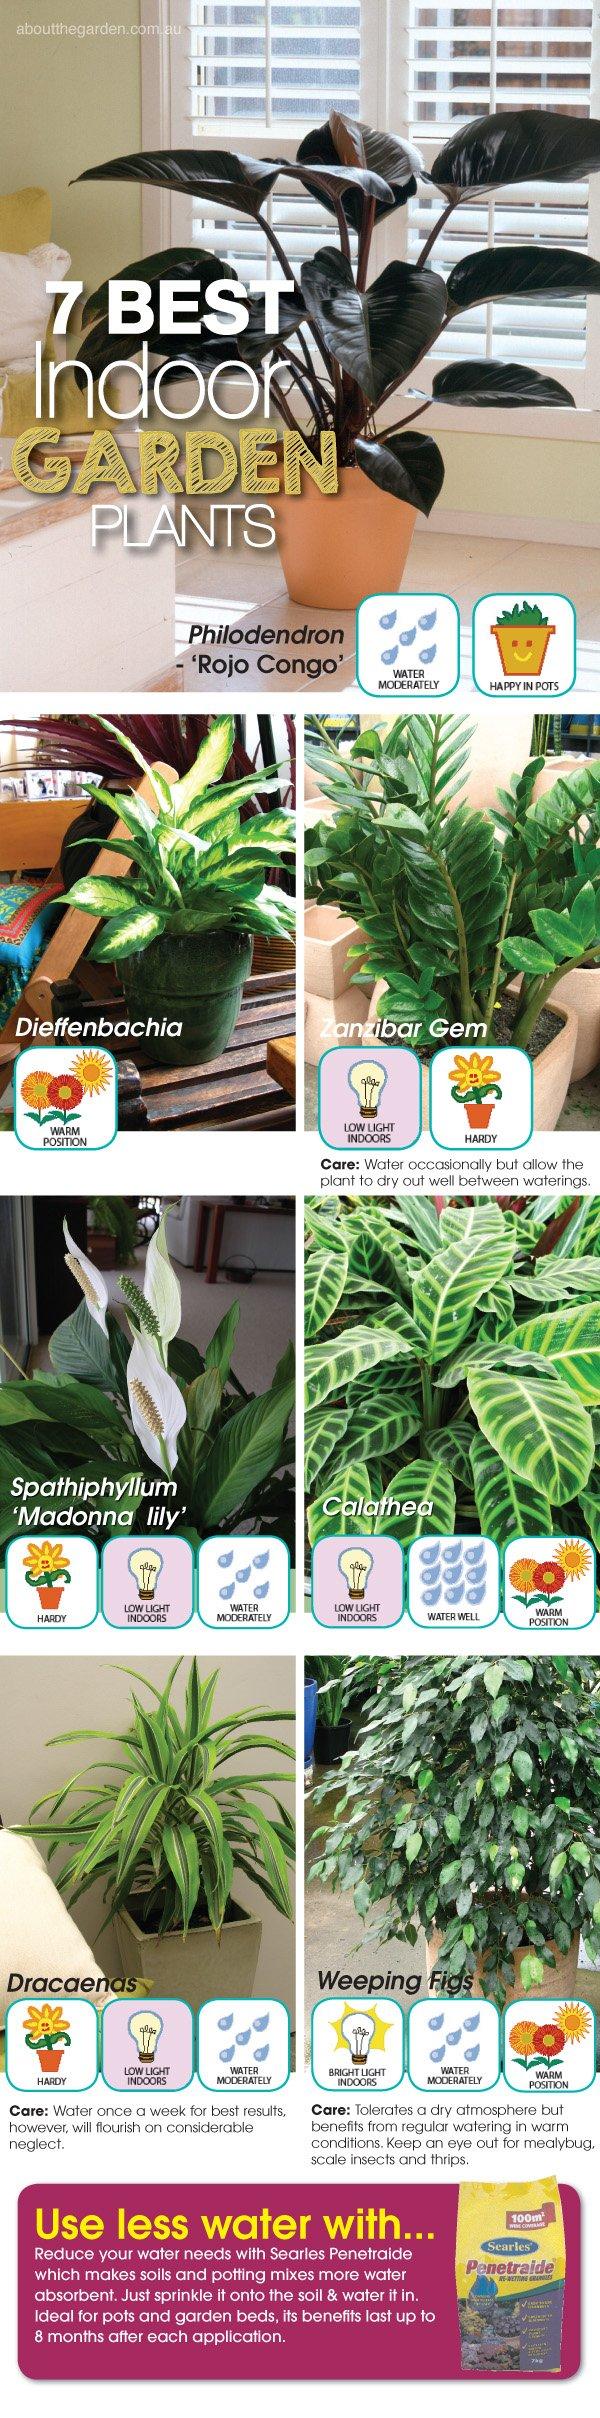 7 best Indoor Garden Plants #indoorgardens #aboutthegardenmagazi